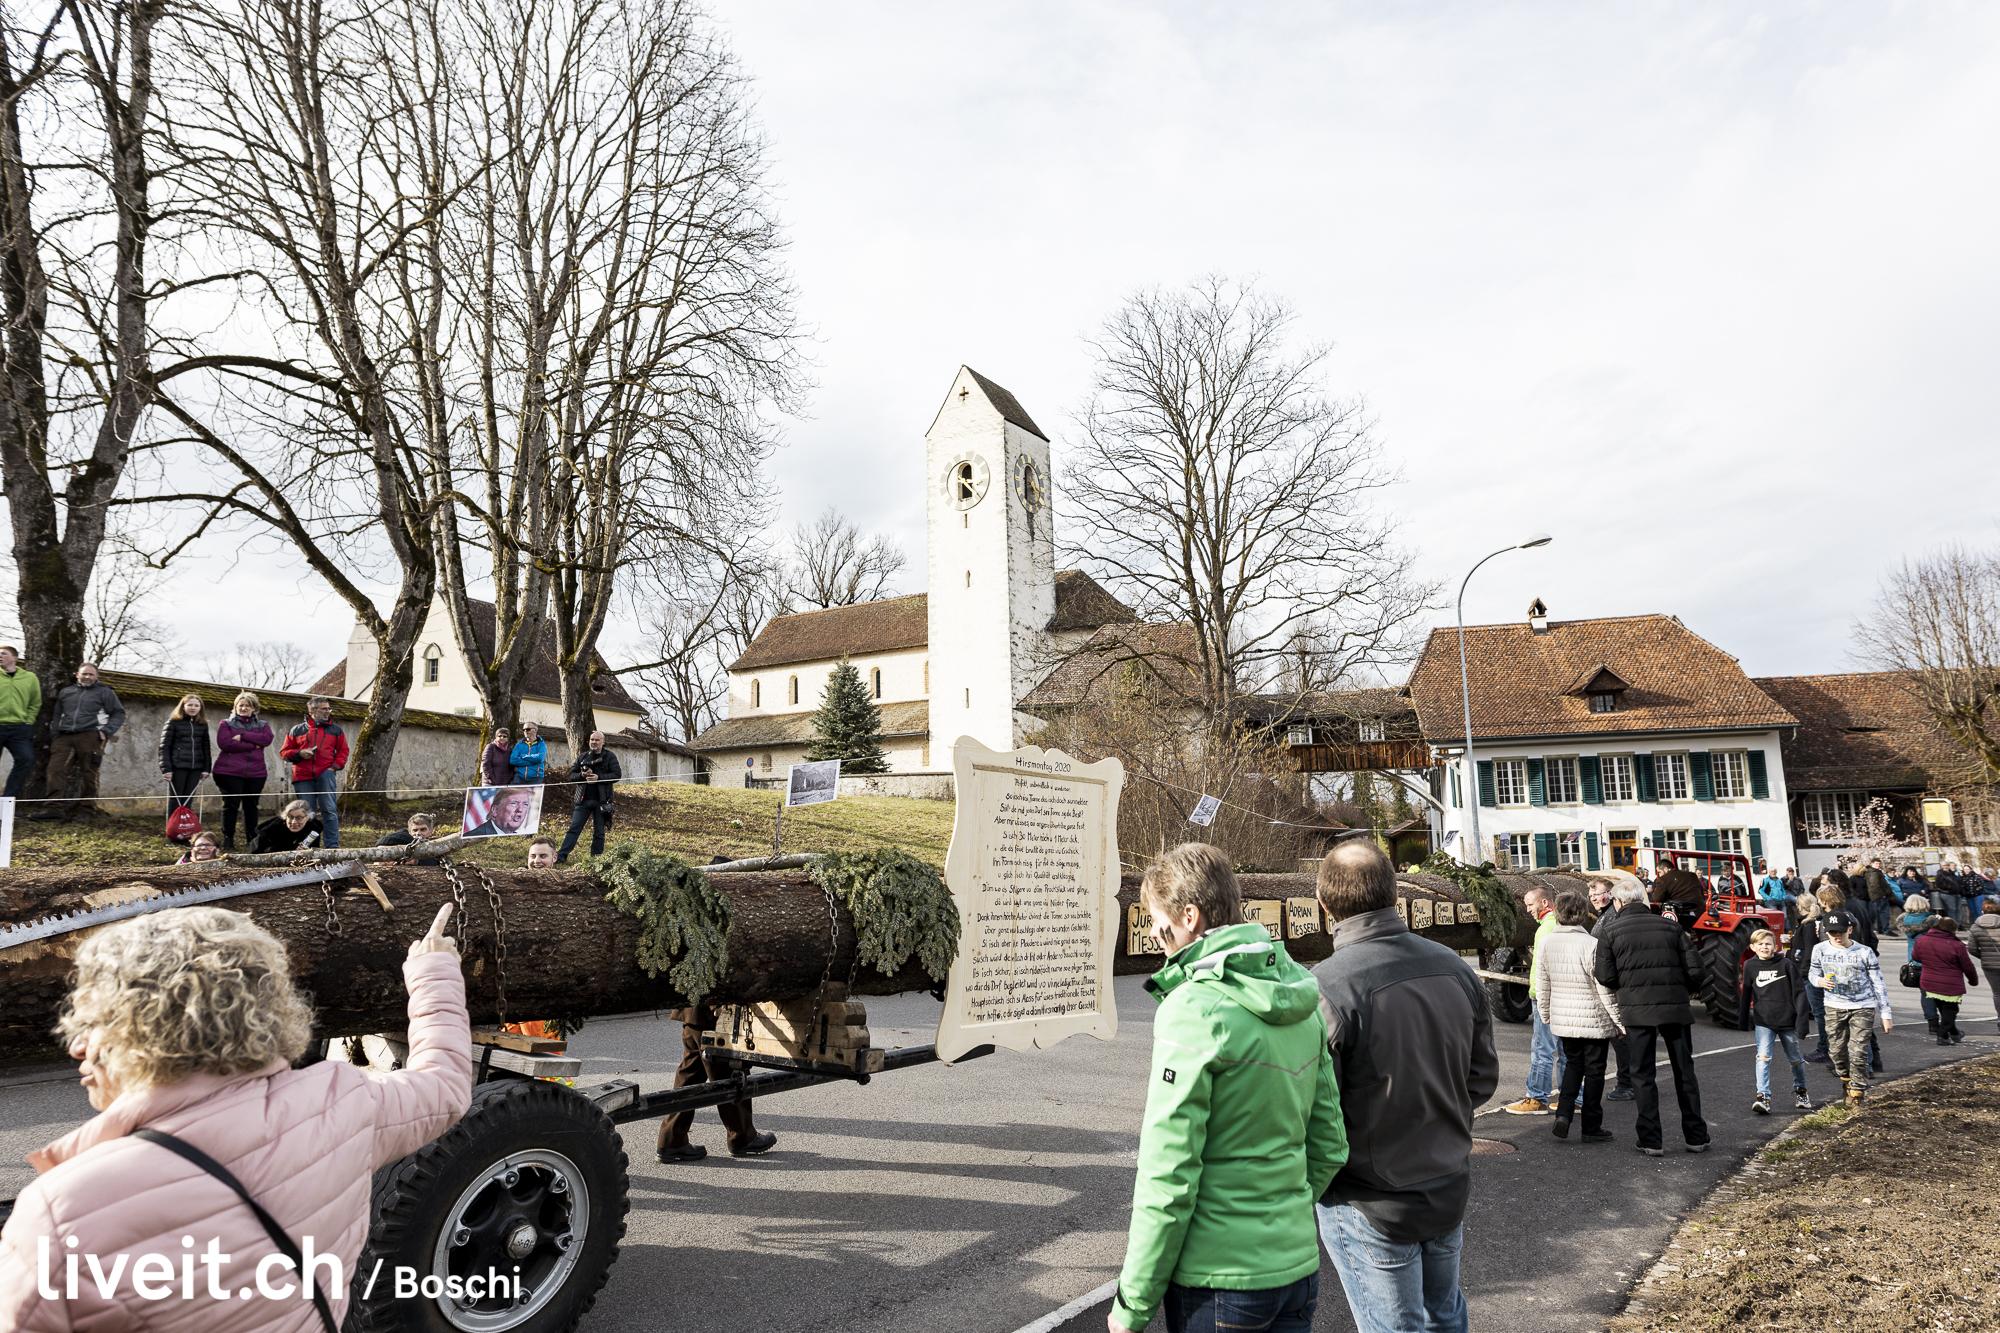 Der Hirsmontag findet alle zehn Jahre statt. Diesmal an einem Samstag.(liveit.ch/boschi)